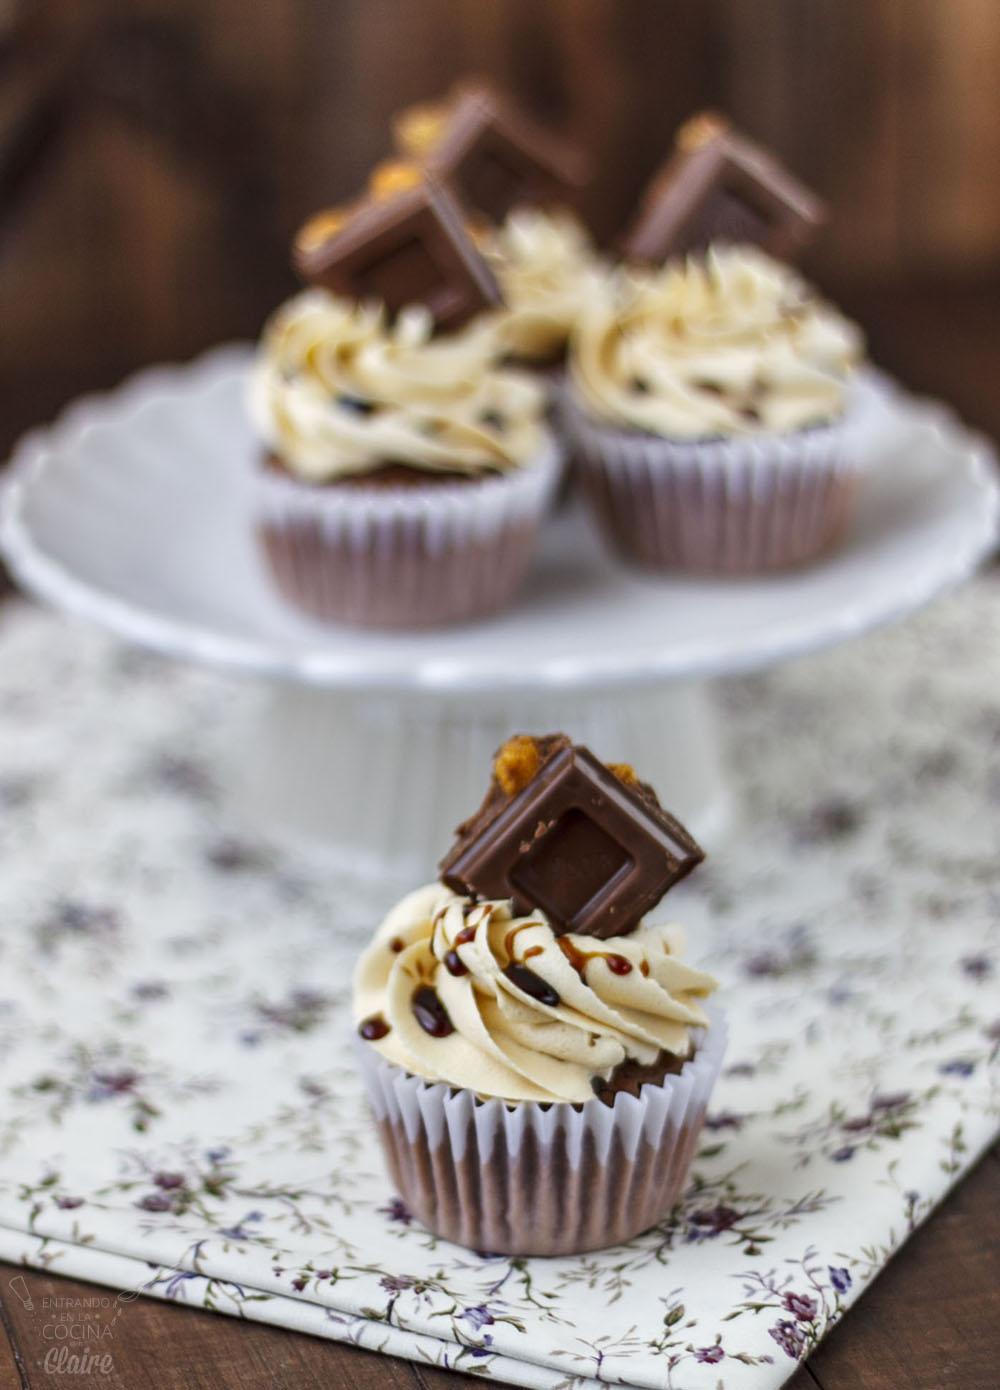 Cupcakes de Chocolate con Kikos 07